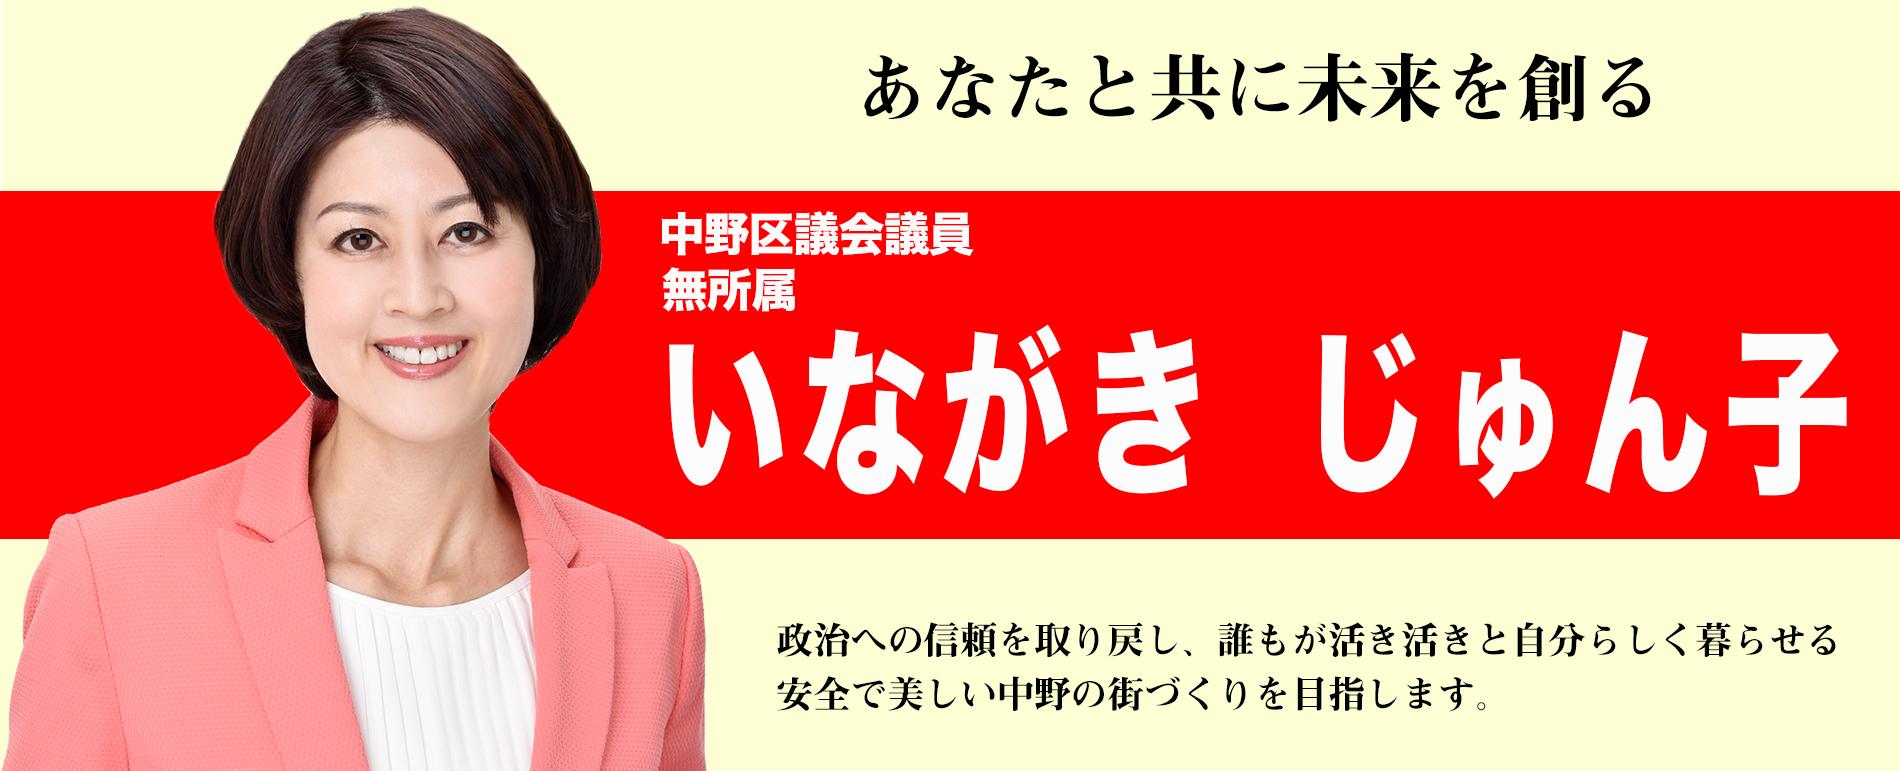 中野区議会議員稲垣淳子 あなたと共に未来を創る 政治への信頼を取り戻したい